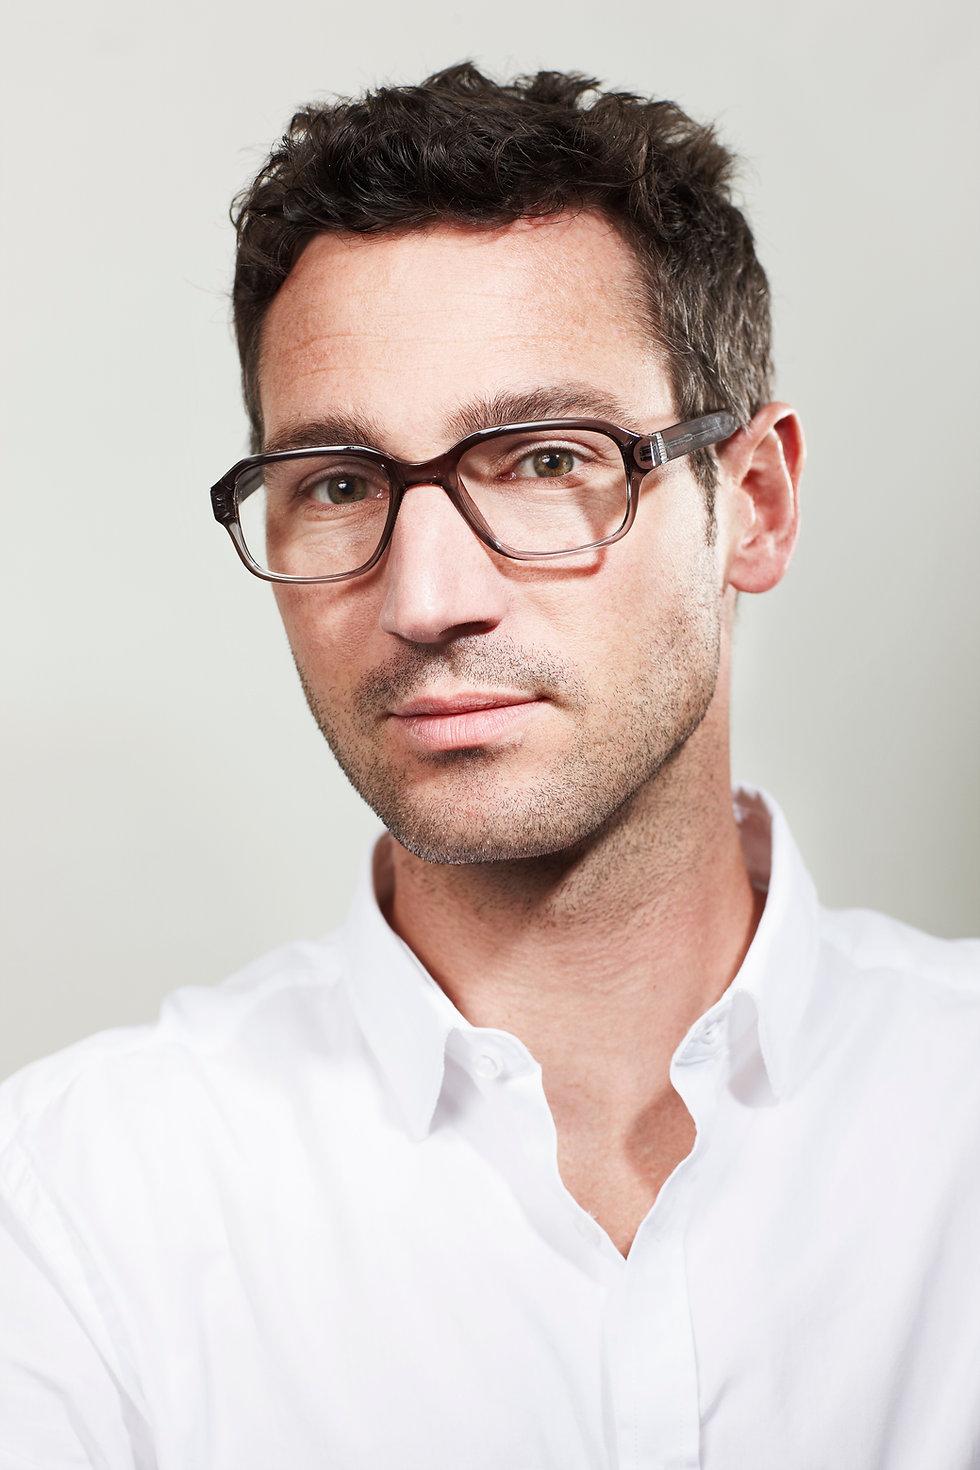 Men portrait with glasses